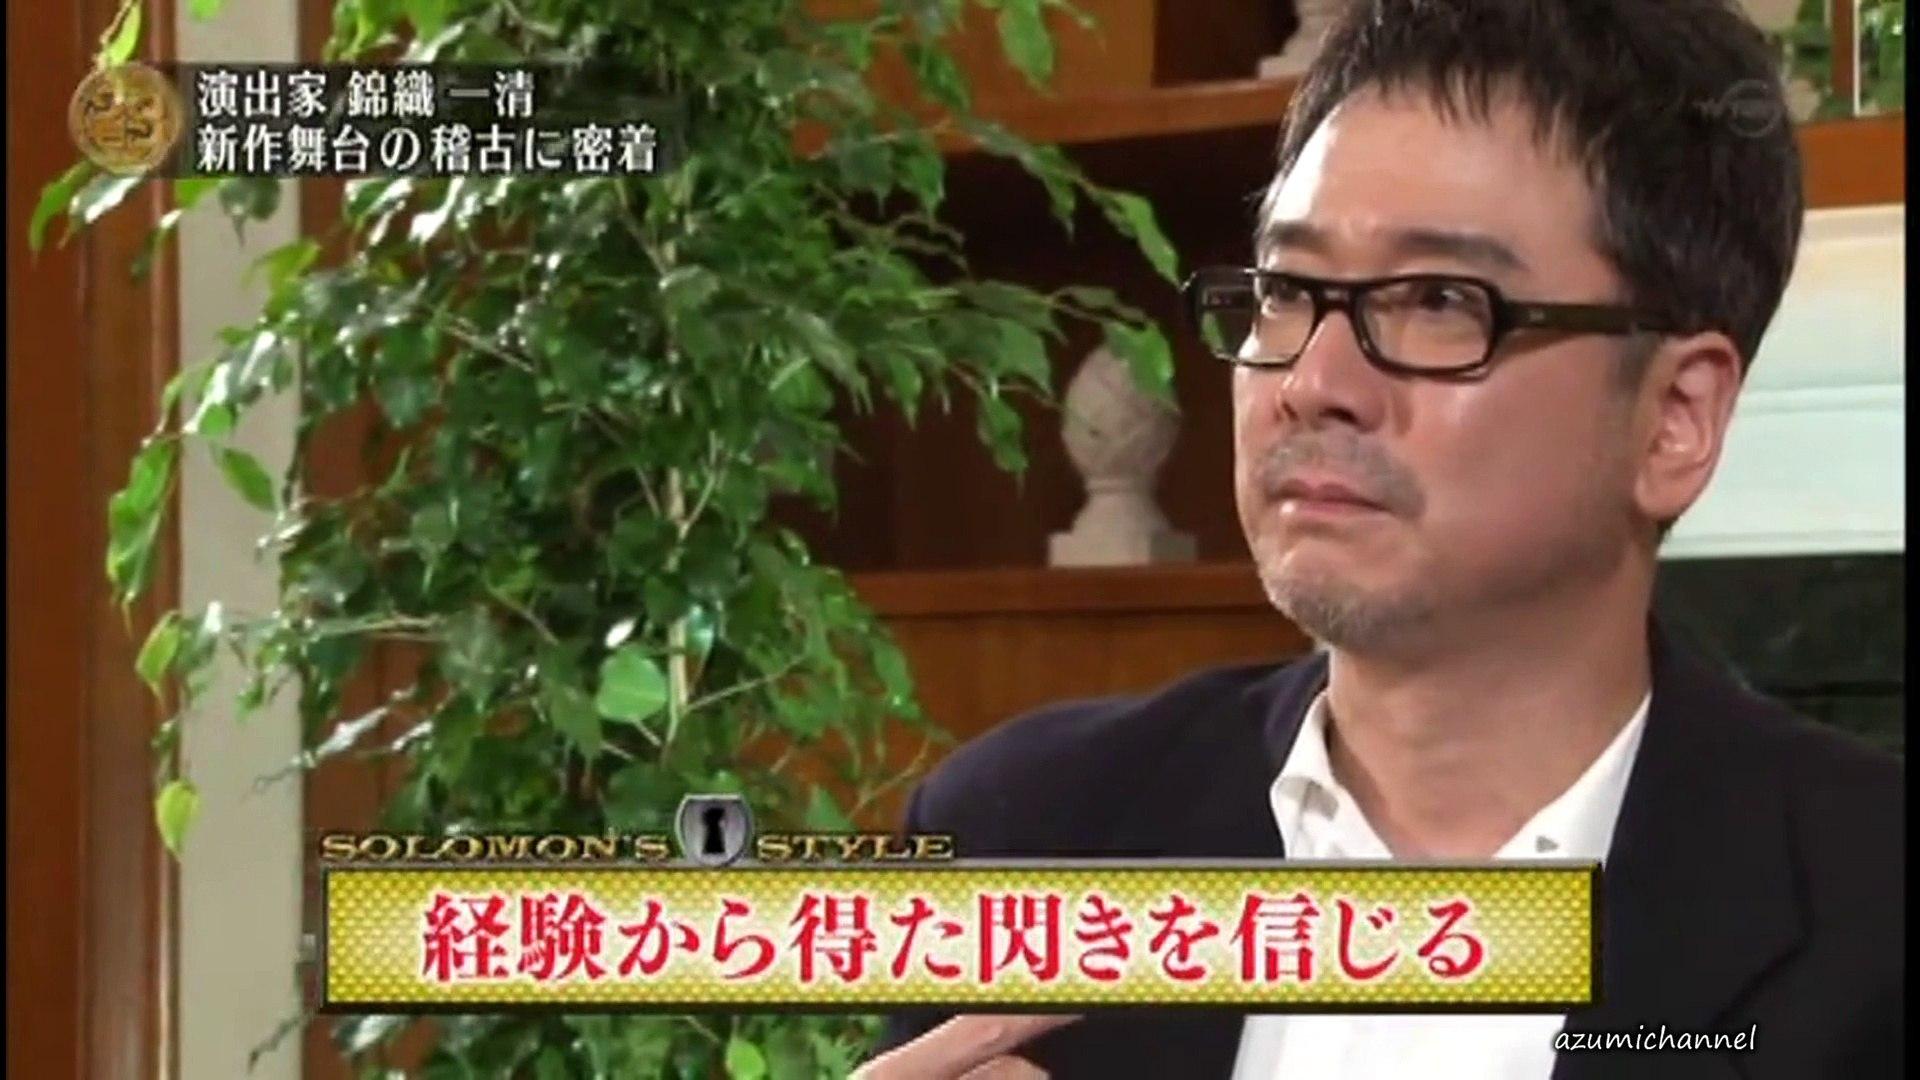 錦織 一清 2013.05.12 2 / 2 - 動画 Dailymotion